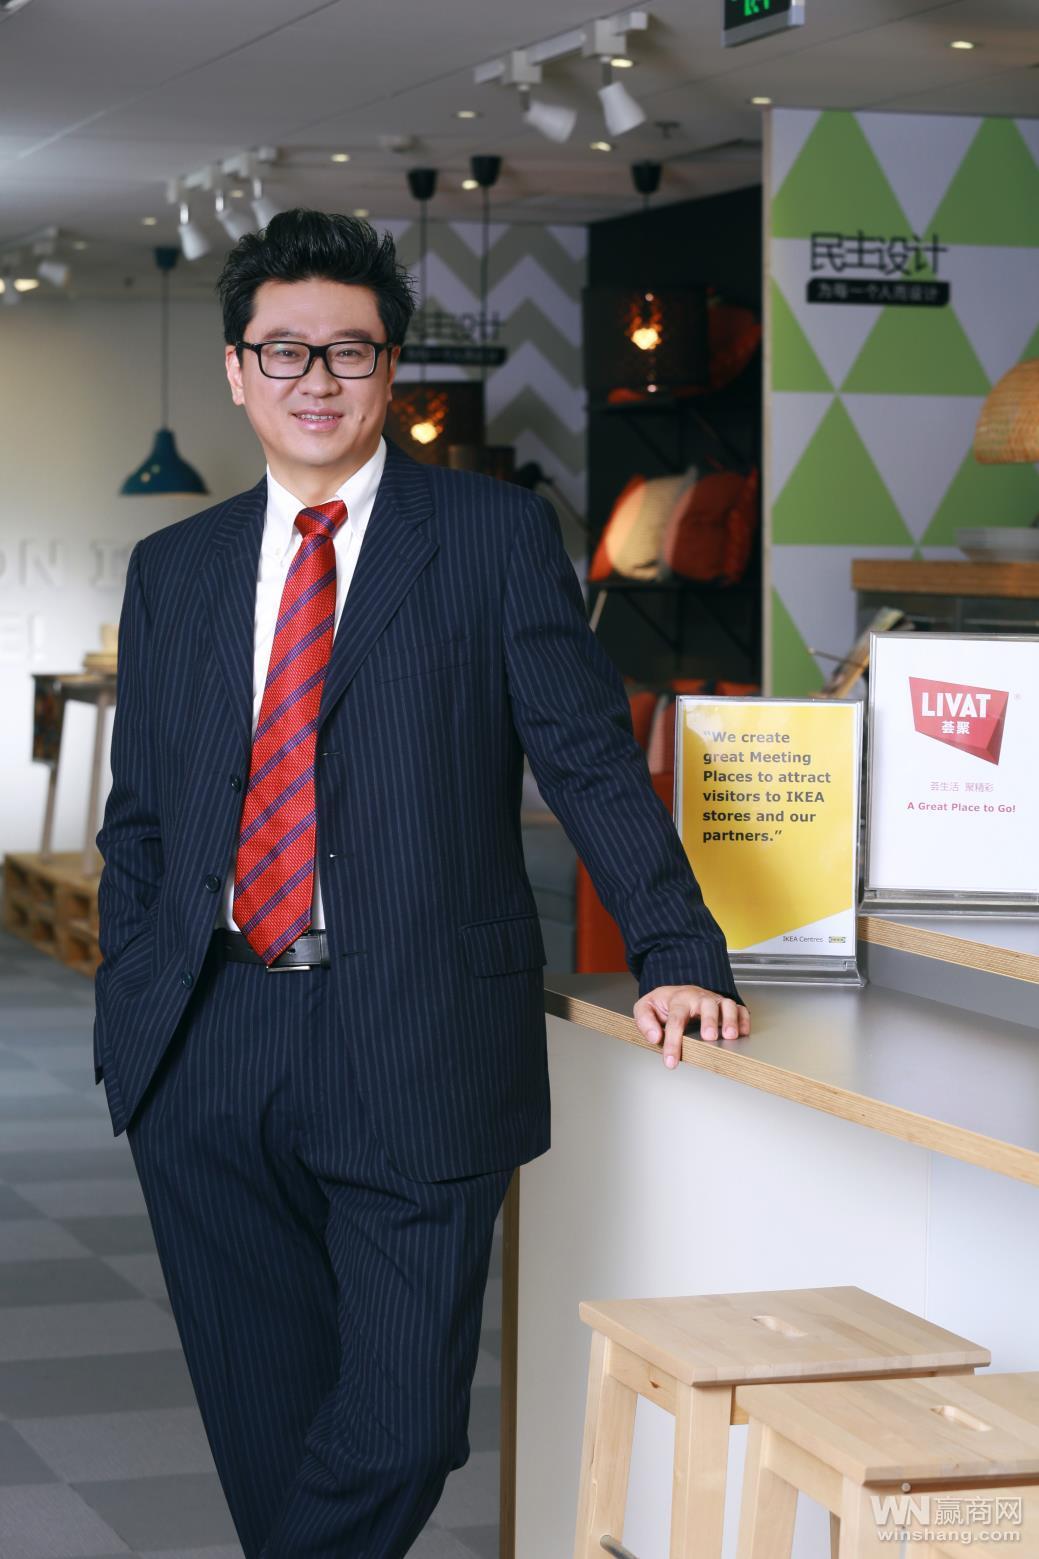 英格卡购物中心中国区总裁丁晖将离职 在宜家工作超16年